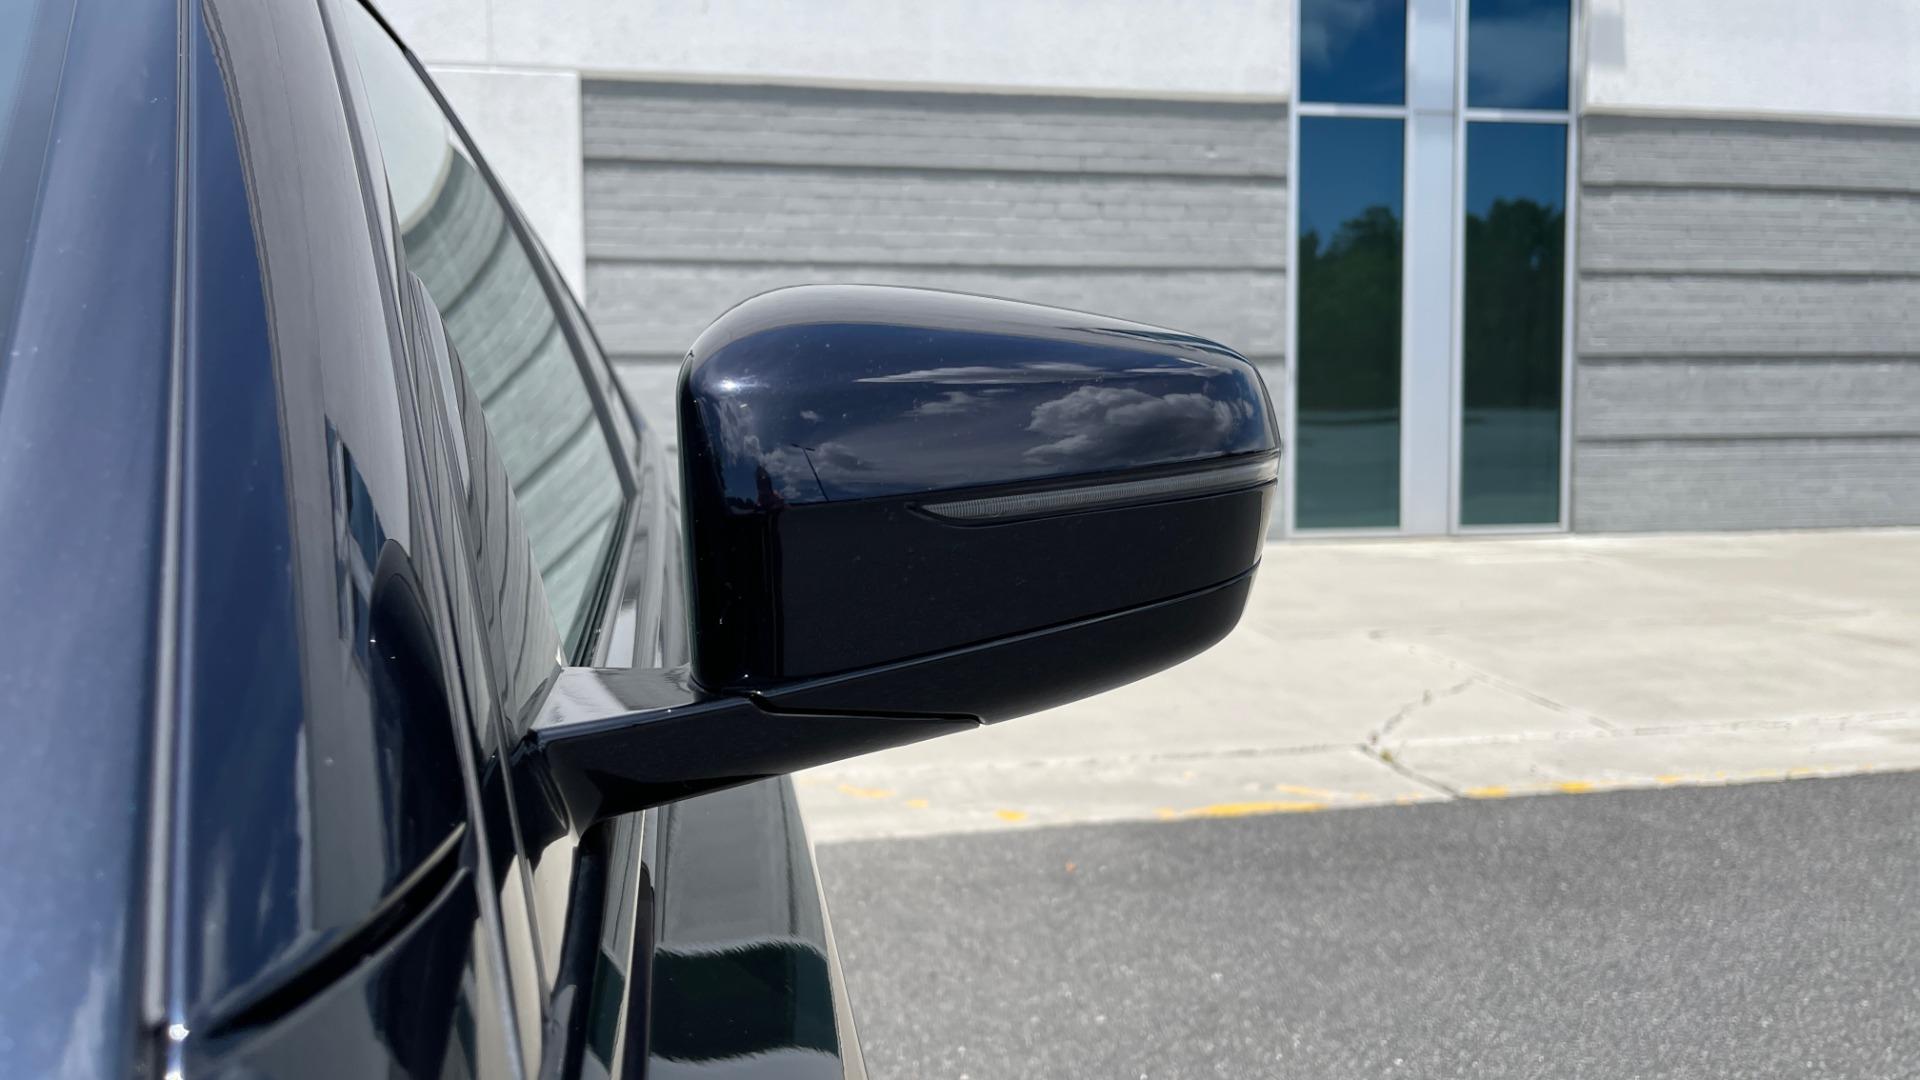 Used 2018 BMW 5 SERIES 540I M-SPORT / EXECUTIVE PKG / DRVR ASST PKG / BLIND SPOT / LANE DEPART for sale $40,995 at Formula Imports in Charlotte NC 28227 19